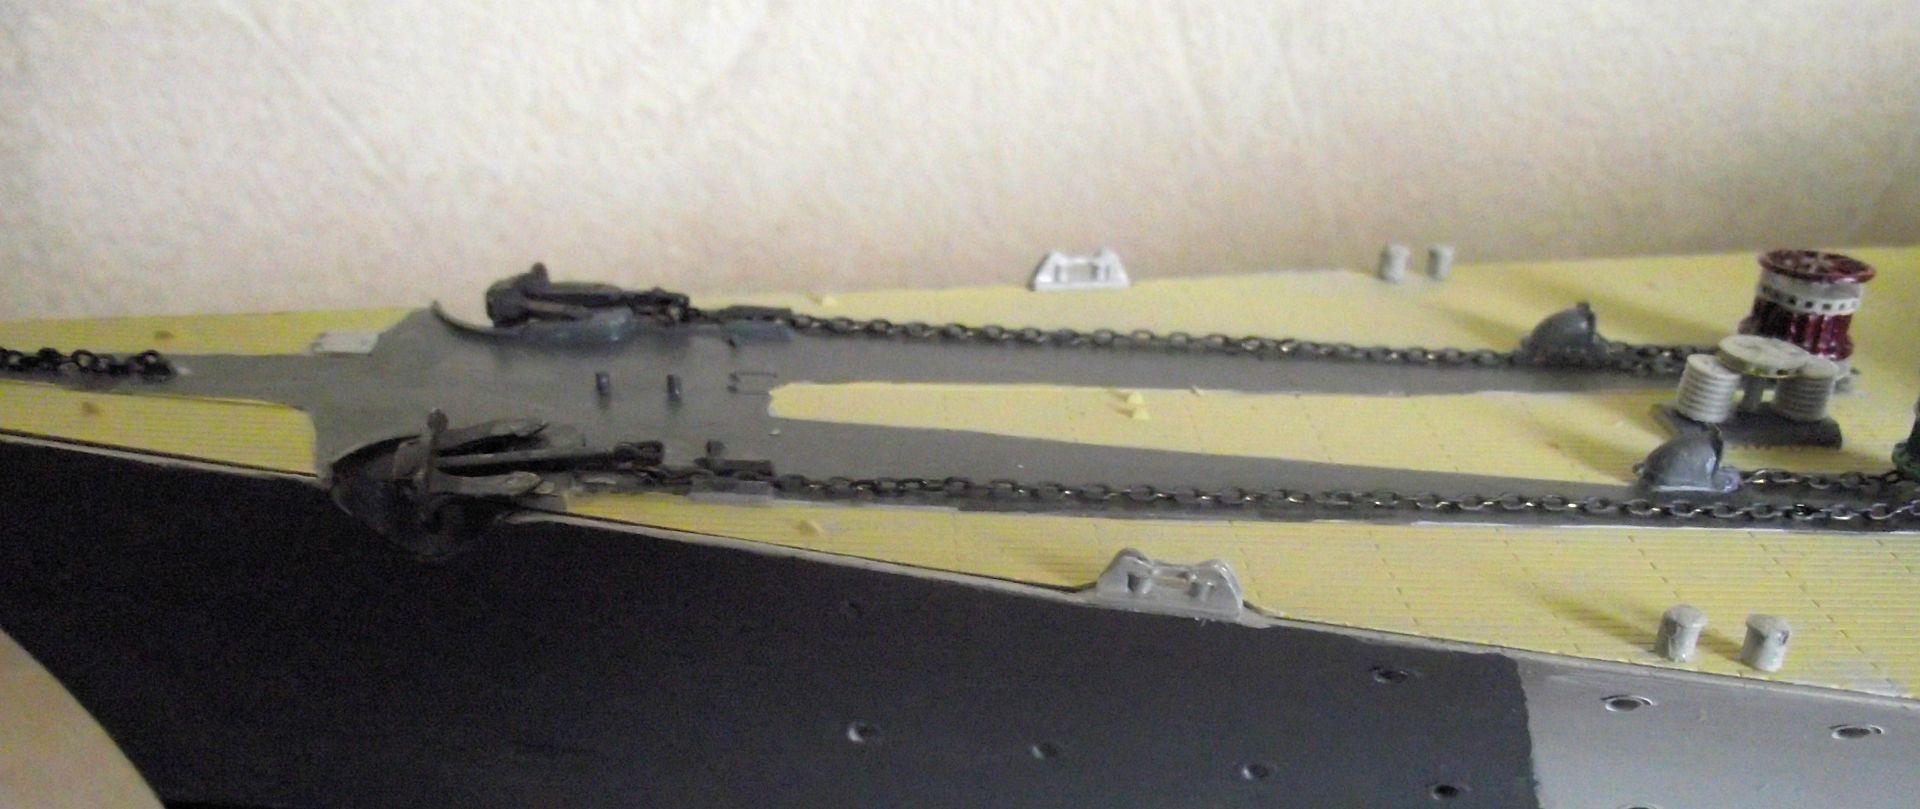 Bismarck au 1/200 Trumpetter  - Page 6 403747DSCF0826